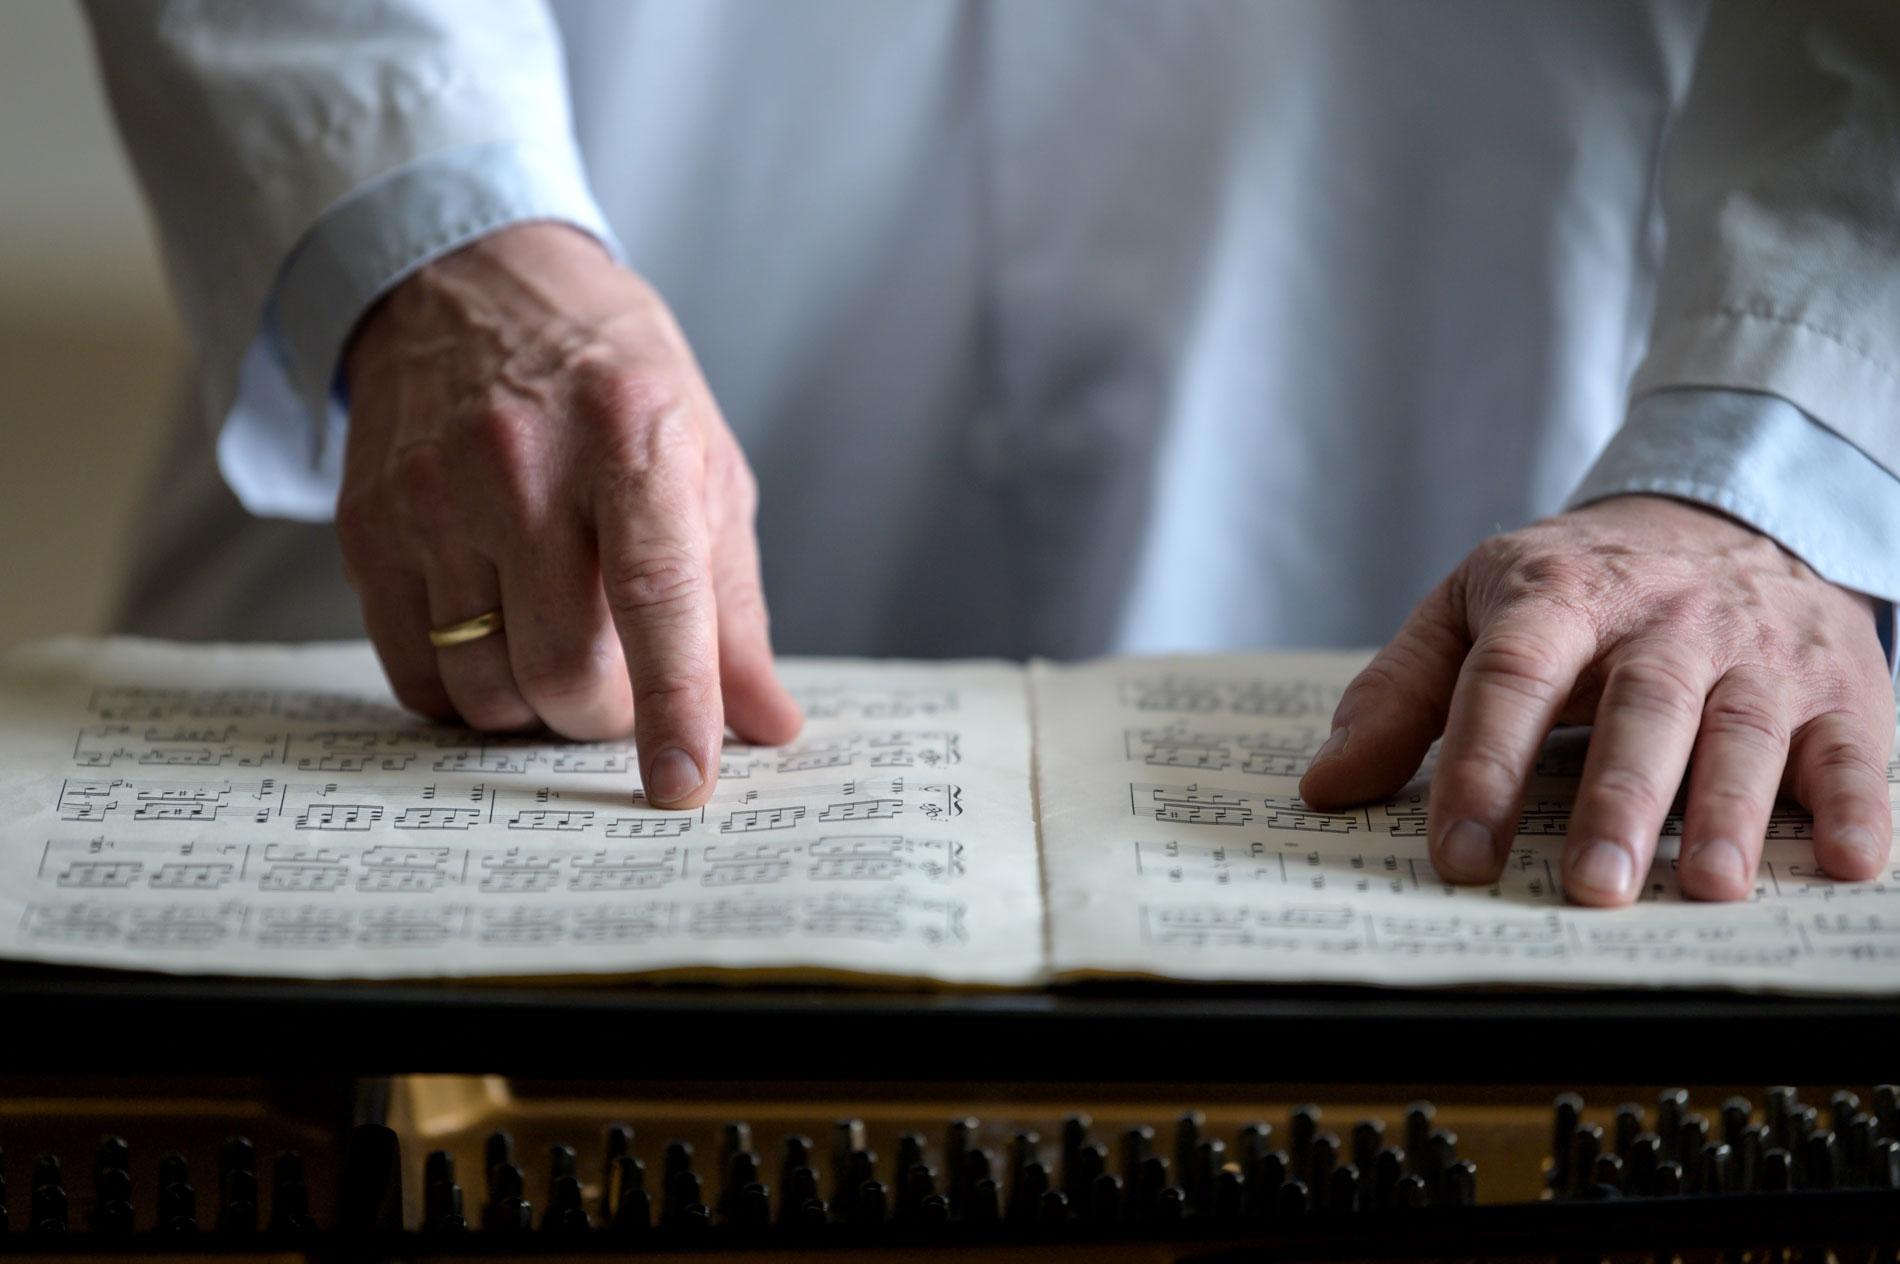 MOZARTEFFEKTEN: – De som hører på Mozart – eller annen klassisk musikk – scorer litt bedre på IQ-tester rett etterpå. Musikken gjør hjernen klar til dyst, sier Geir Olve Skeie.